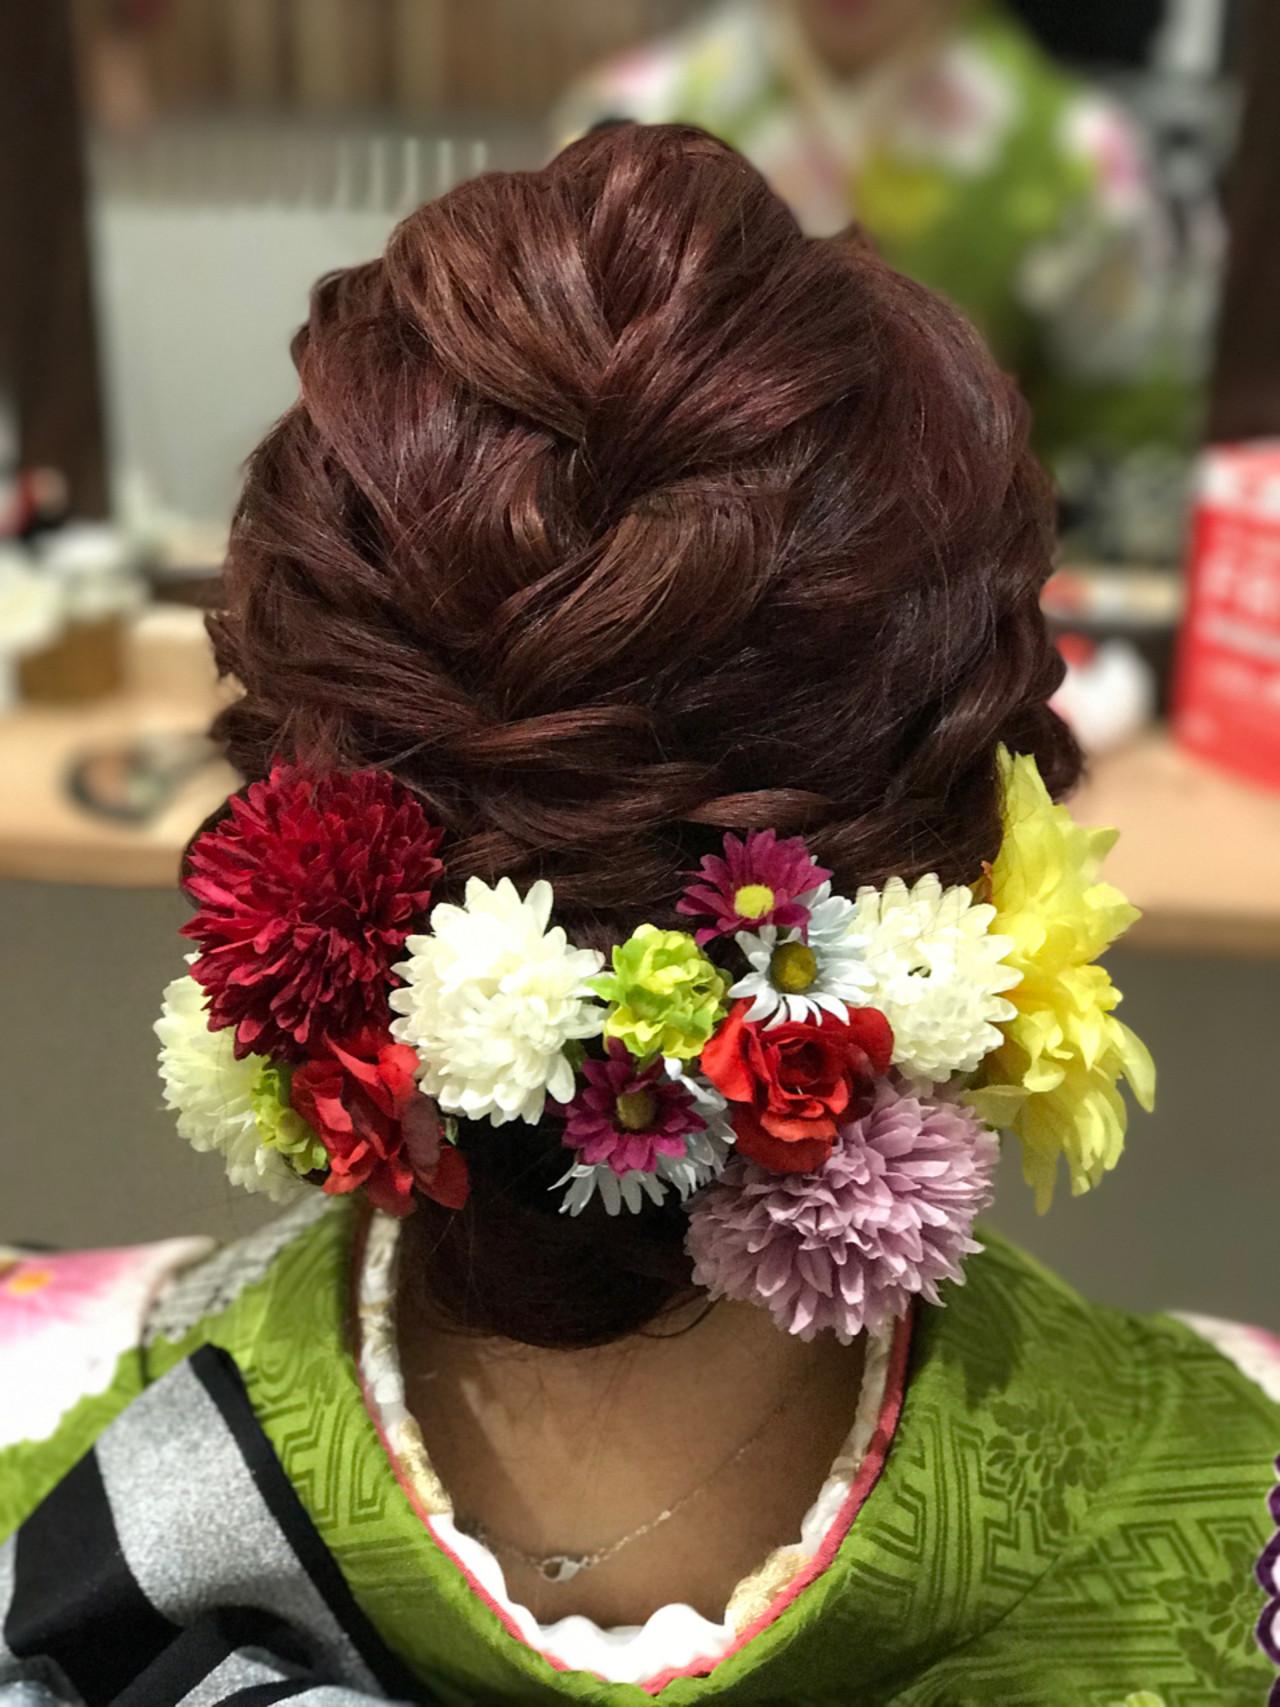 シニヨン ゆるふわ ブライダル セミロング ヘアスタイルや髪型の写真・画像